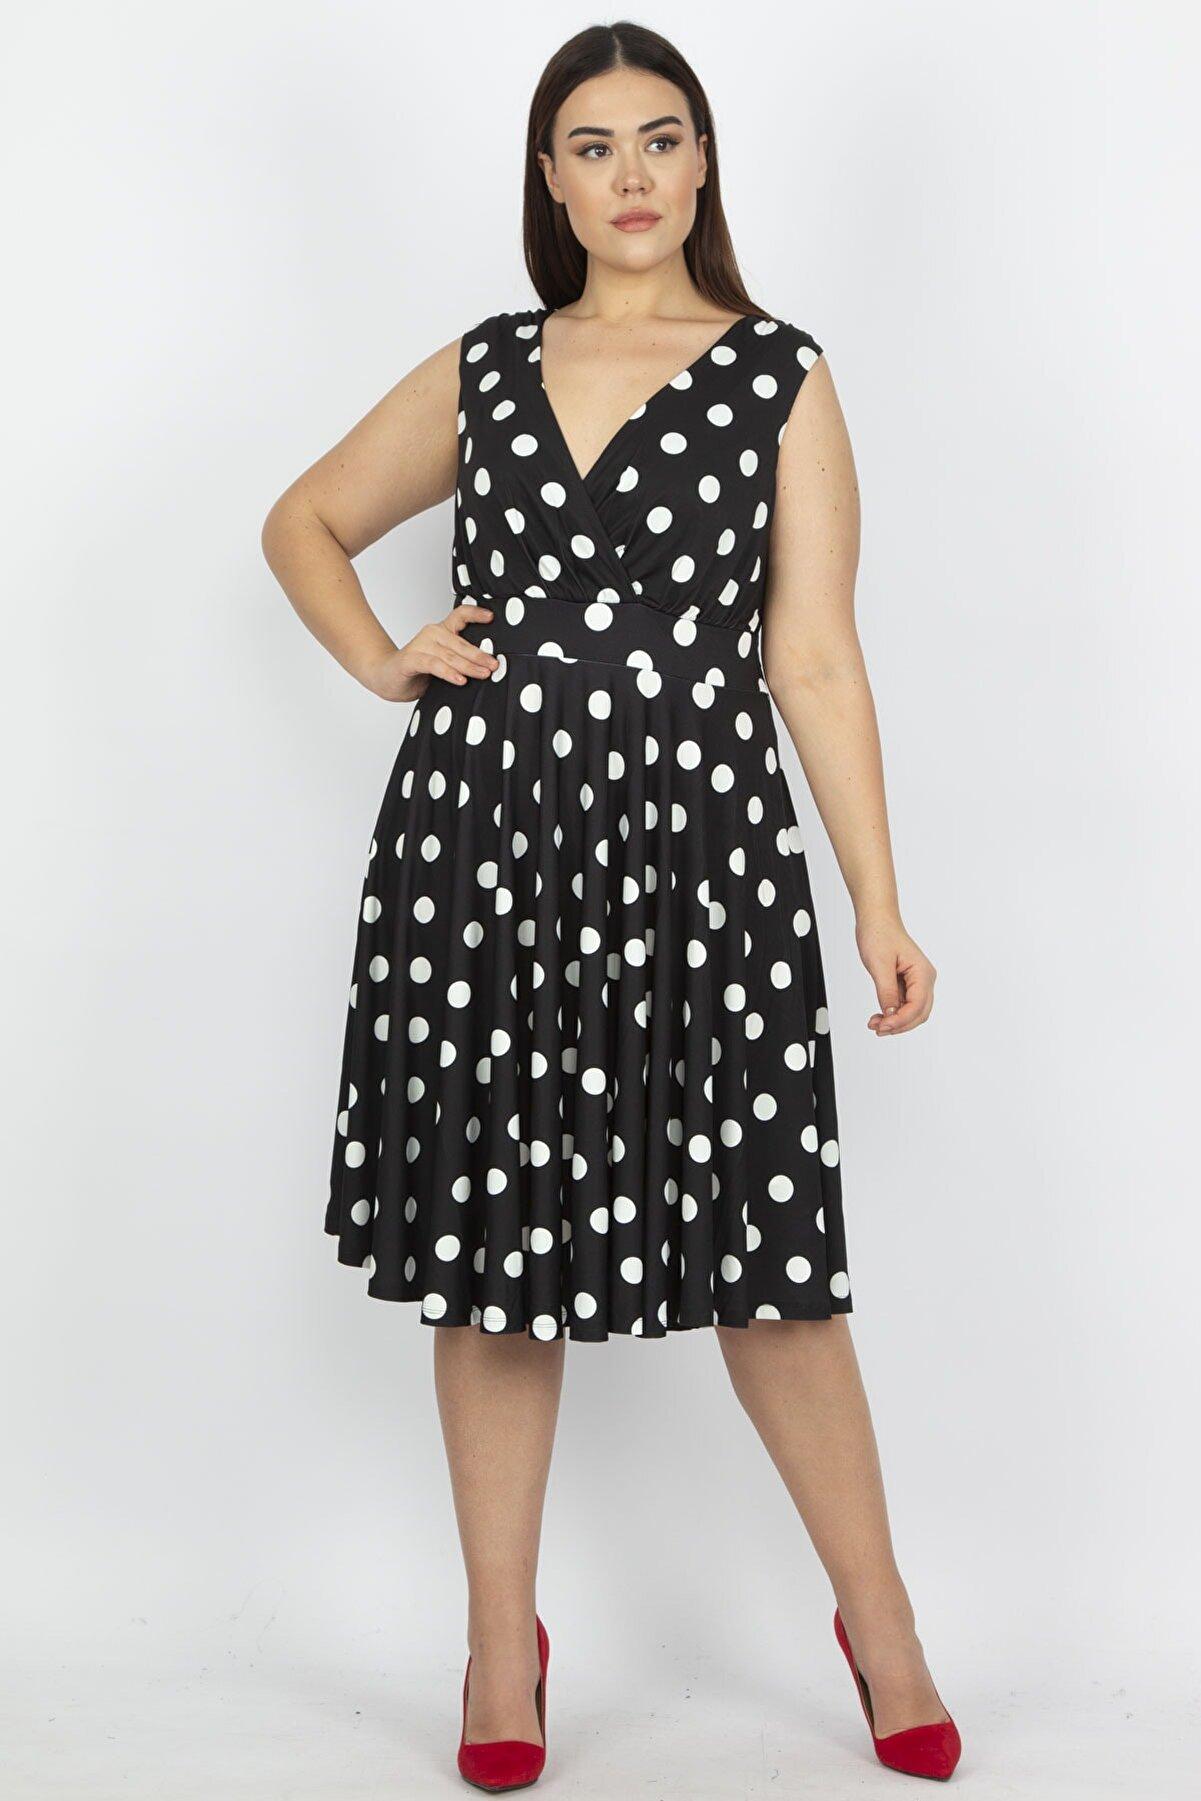 Şans Kadın Siyah Puan Desenli Anvelop Arka Bel Lastik Detaylı Elbise 65N19620